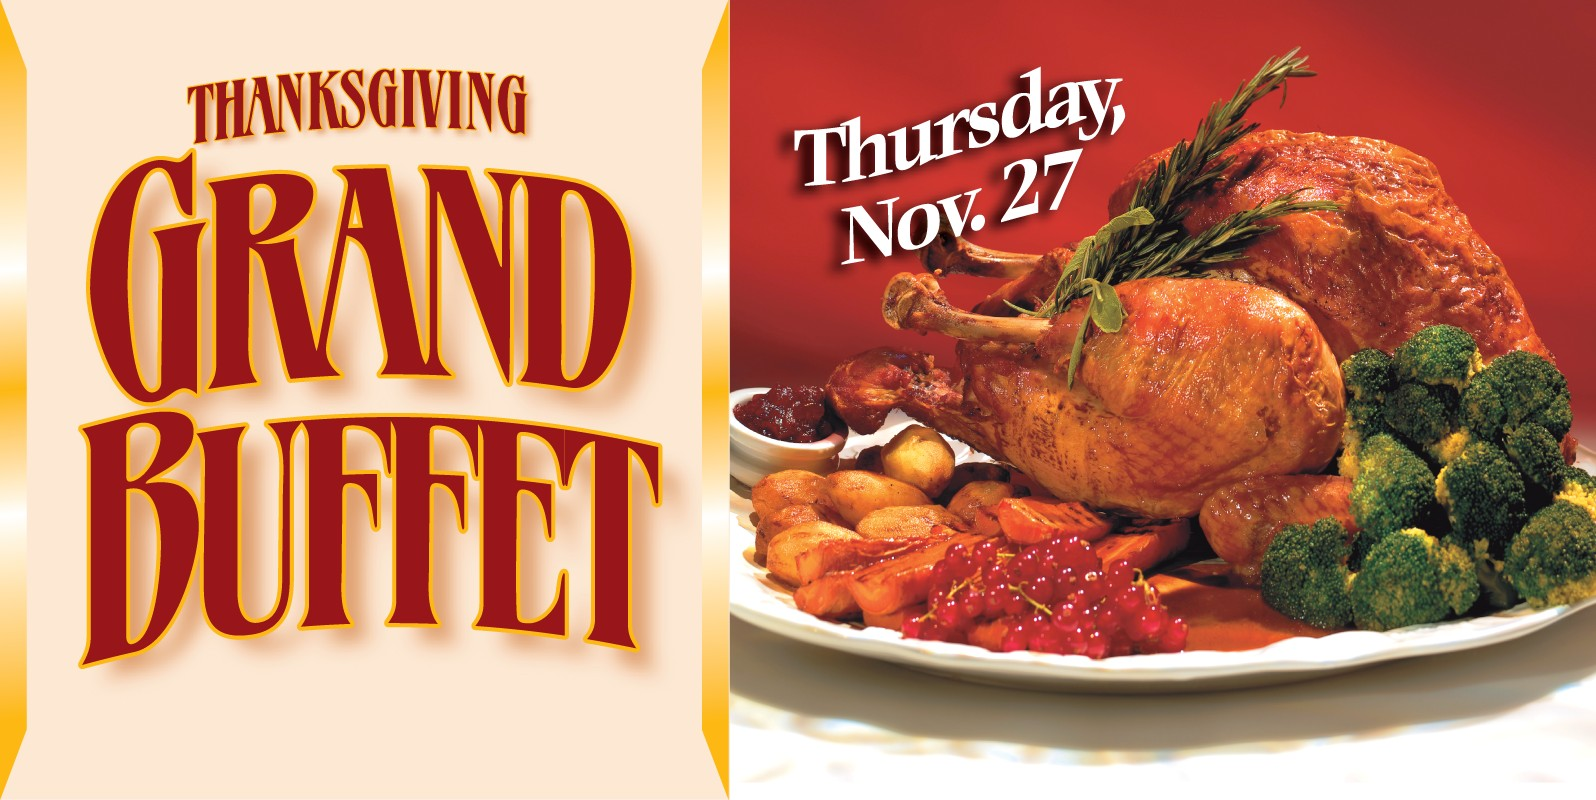 Thanksgiving Buffet '14